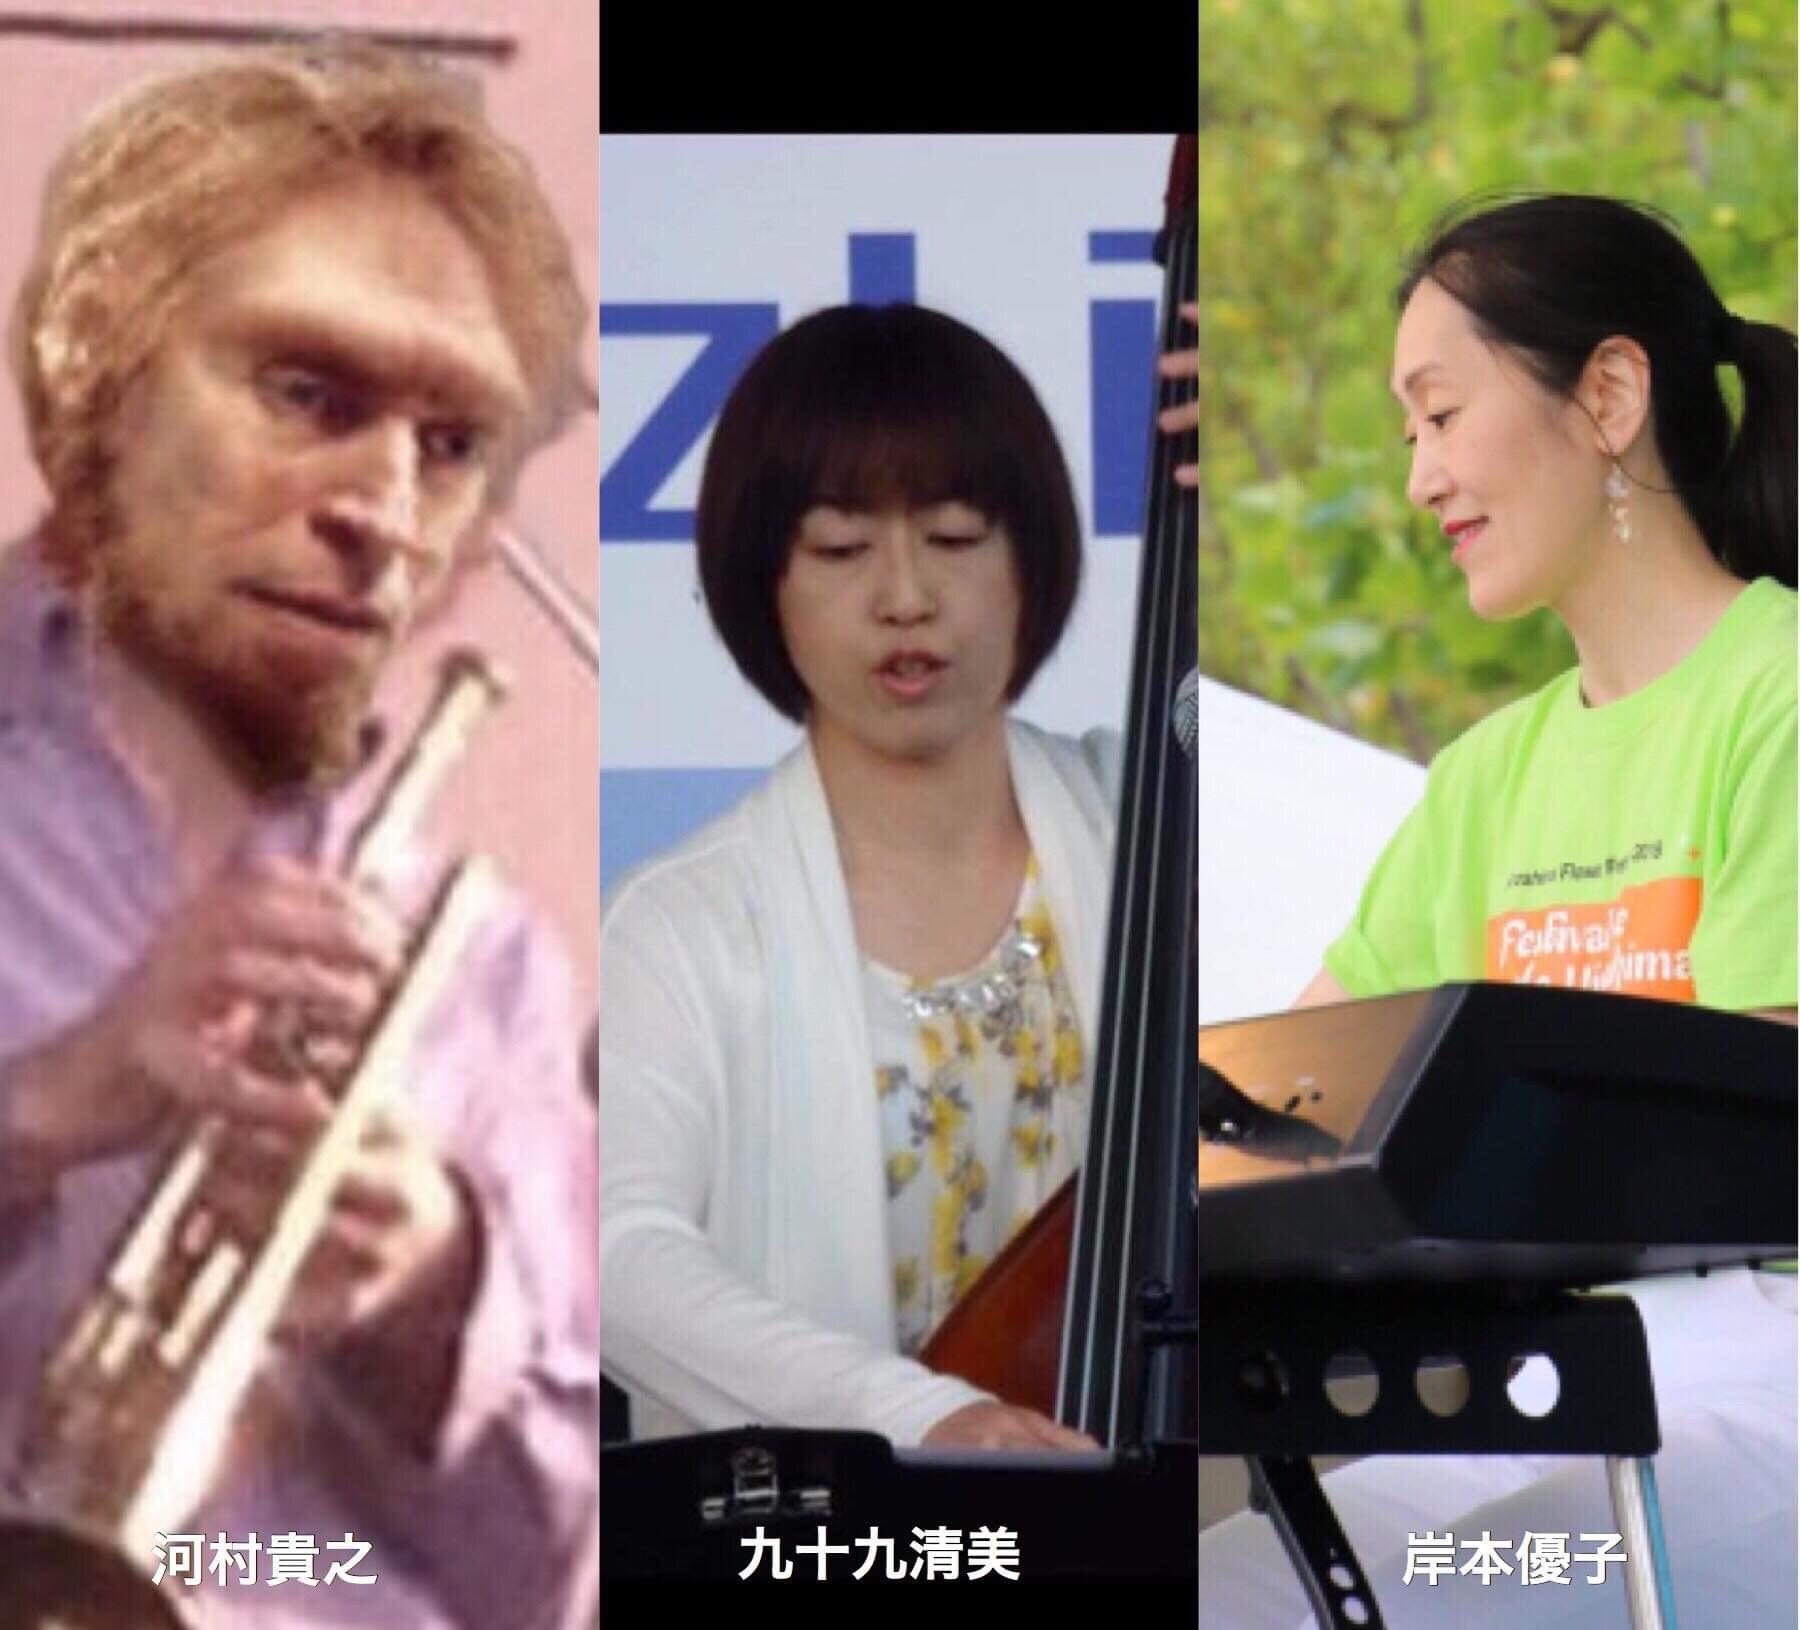 広島 Jazzlive Cominジャズライブカミン   本日土曜日のライブ_b0115606_12293017.jpeg